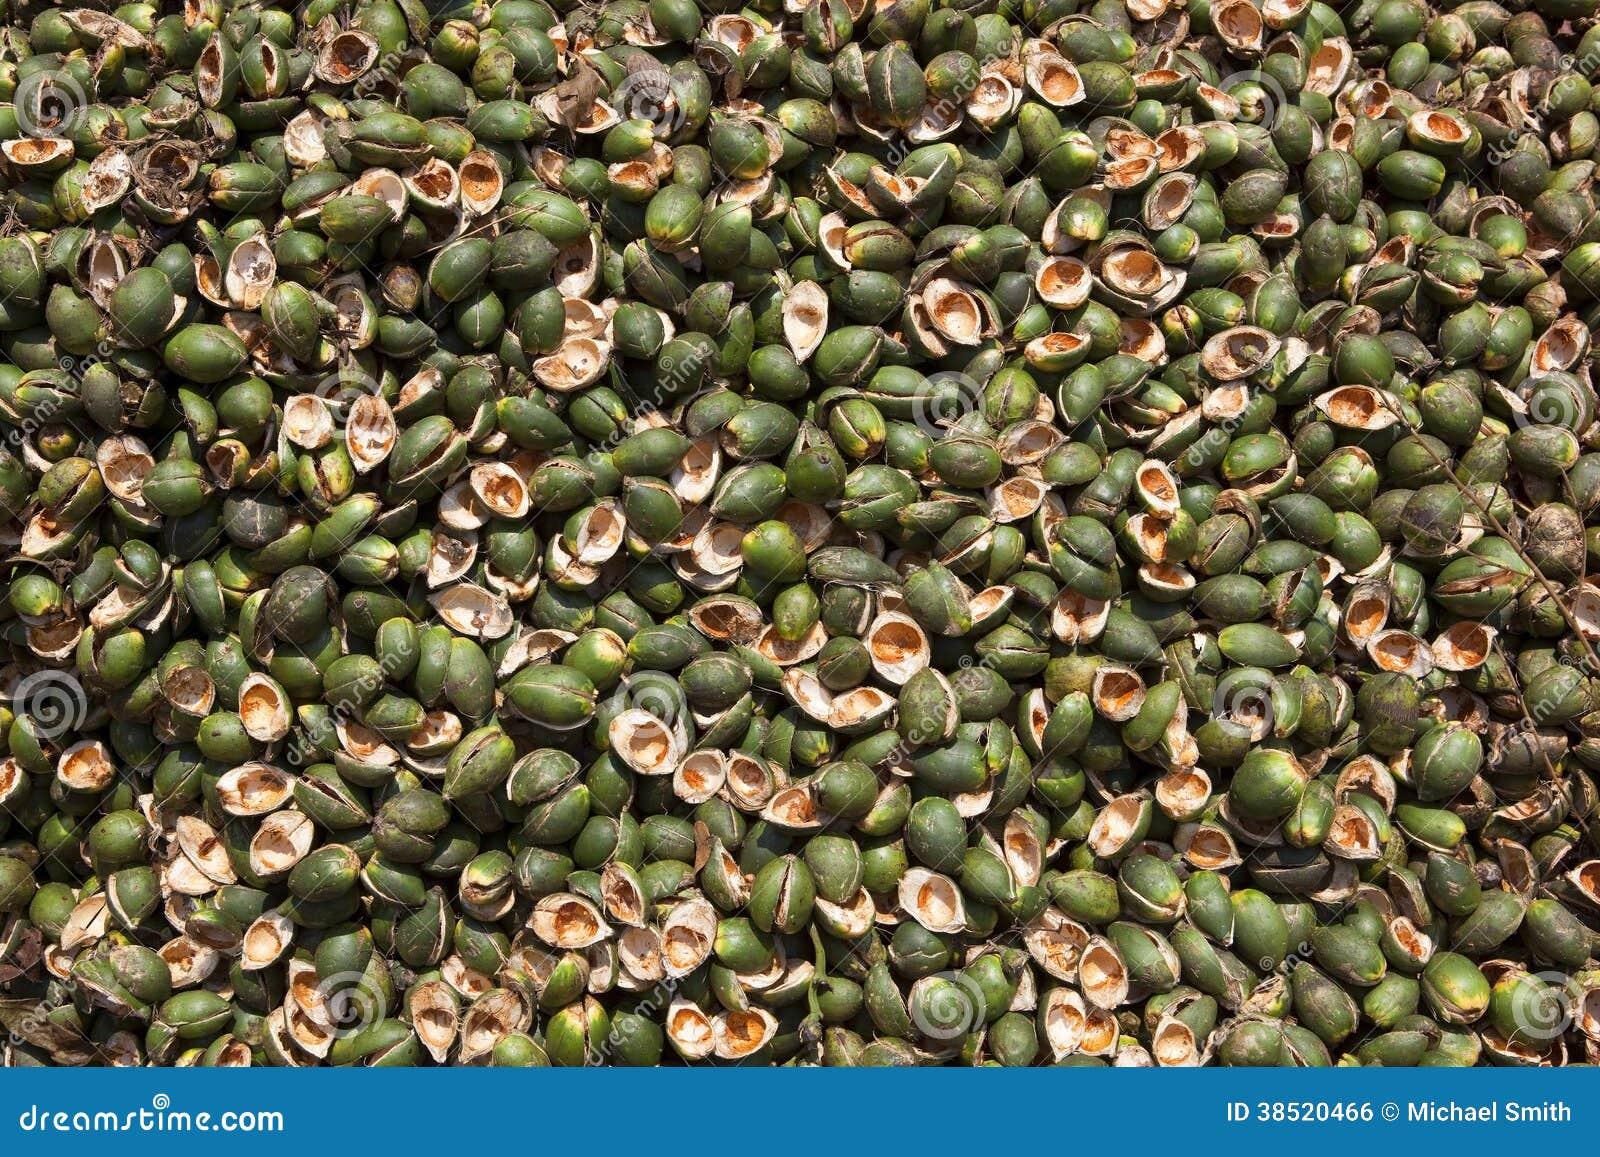 coquilles de noix de palme photo stock image du production 38520466. Black Bedroom Furniture Sets. Home Design Ideas